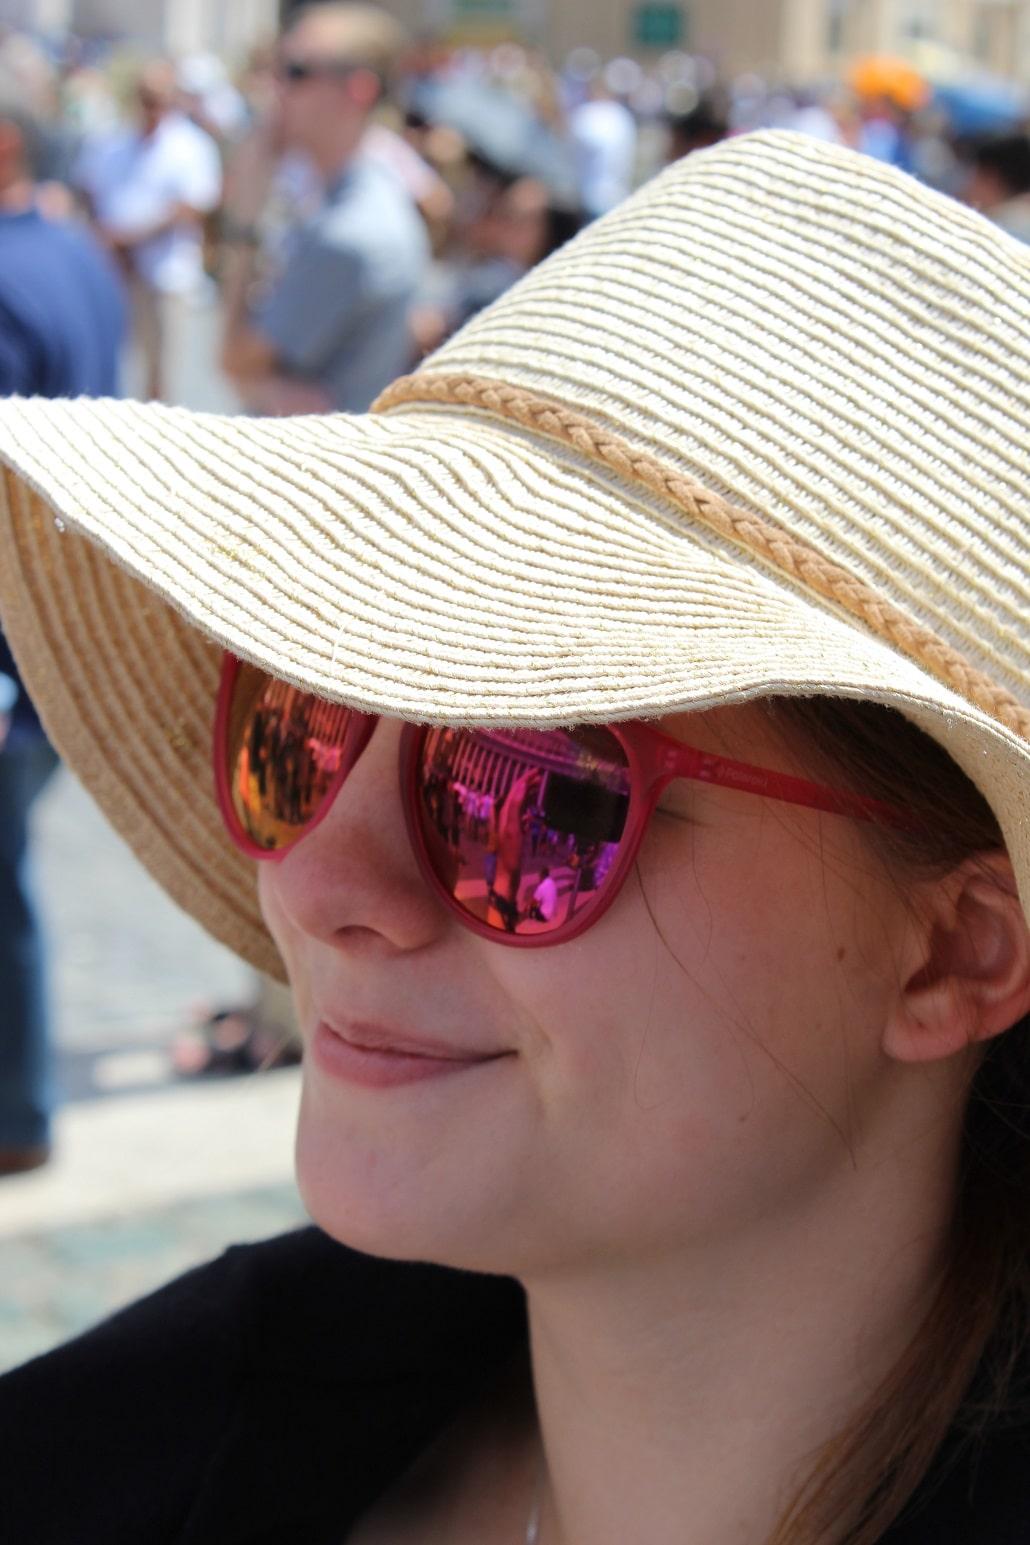 Bezpieczne opalanie z filtrem UV na twarzy